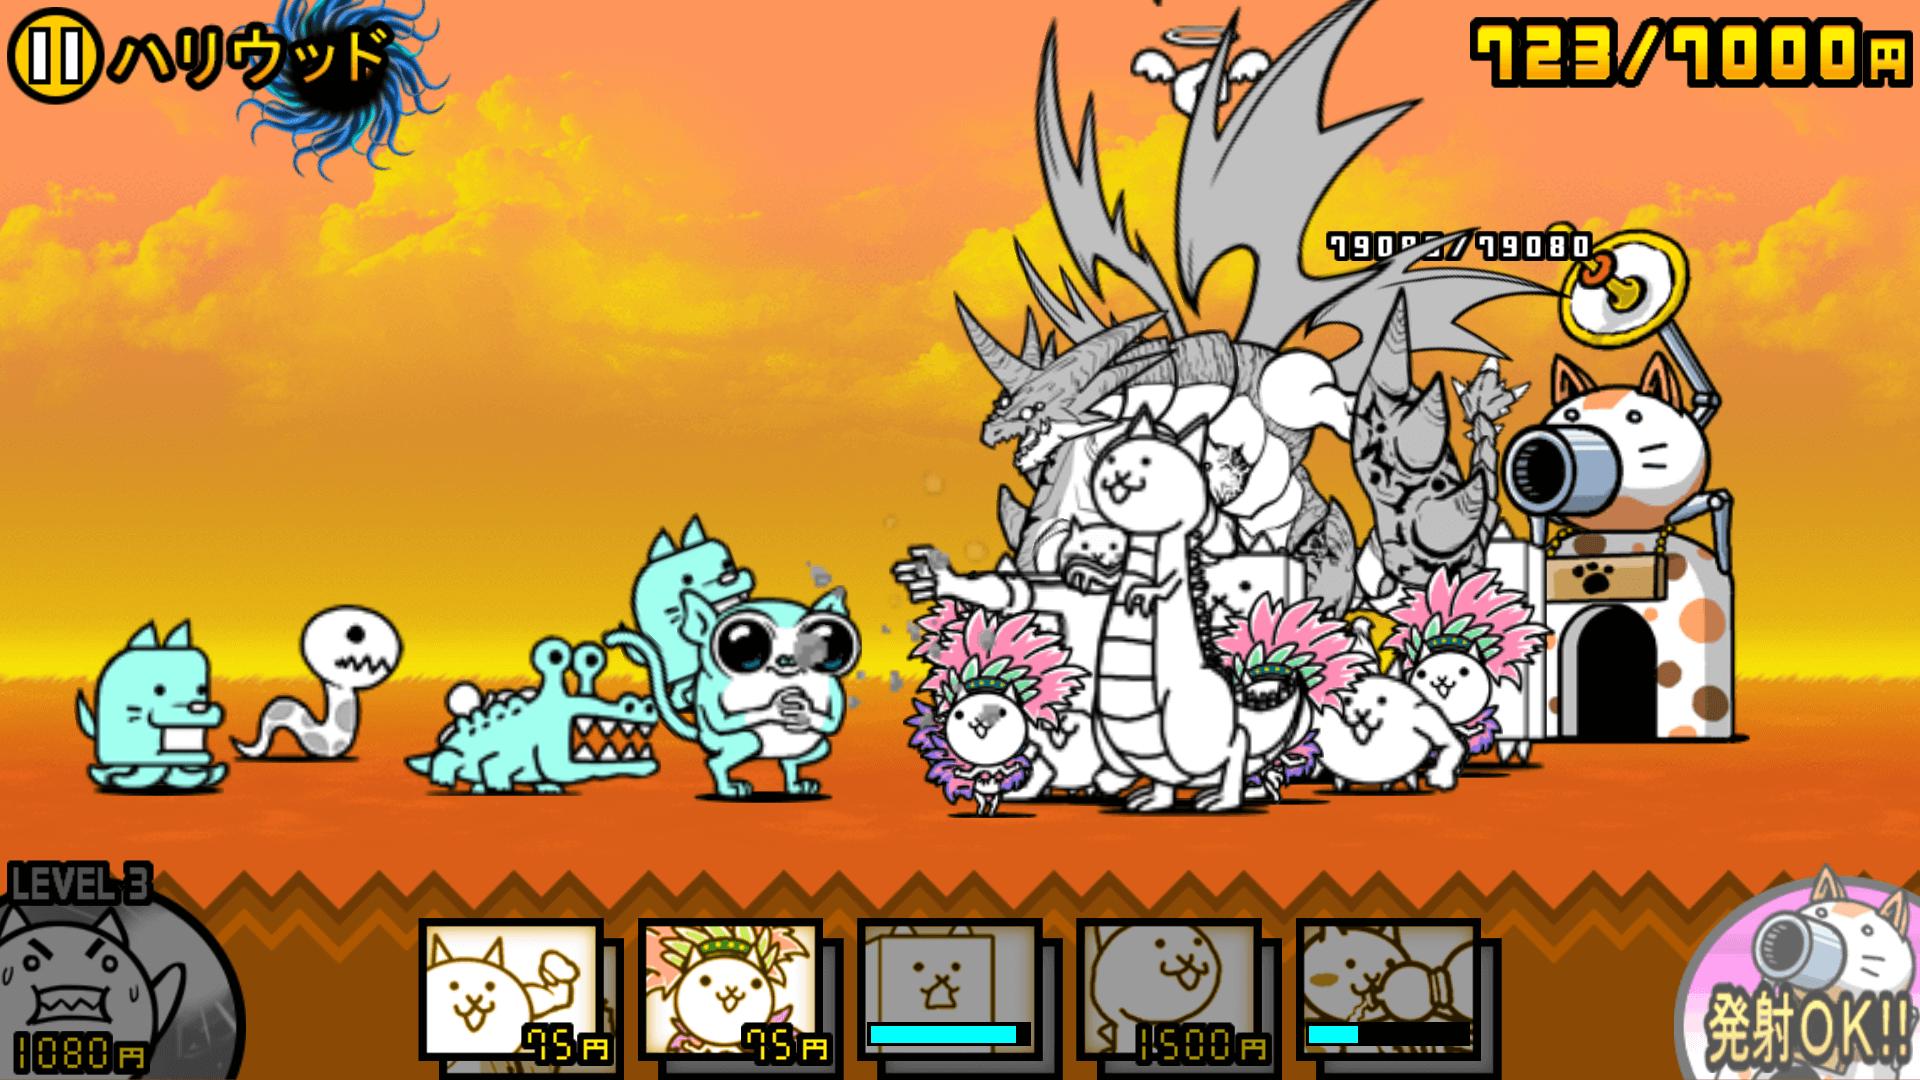 ネコドラゴンの数を増やして敵城を叩いていく